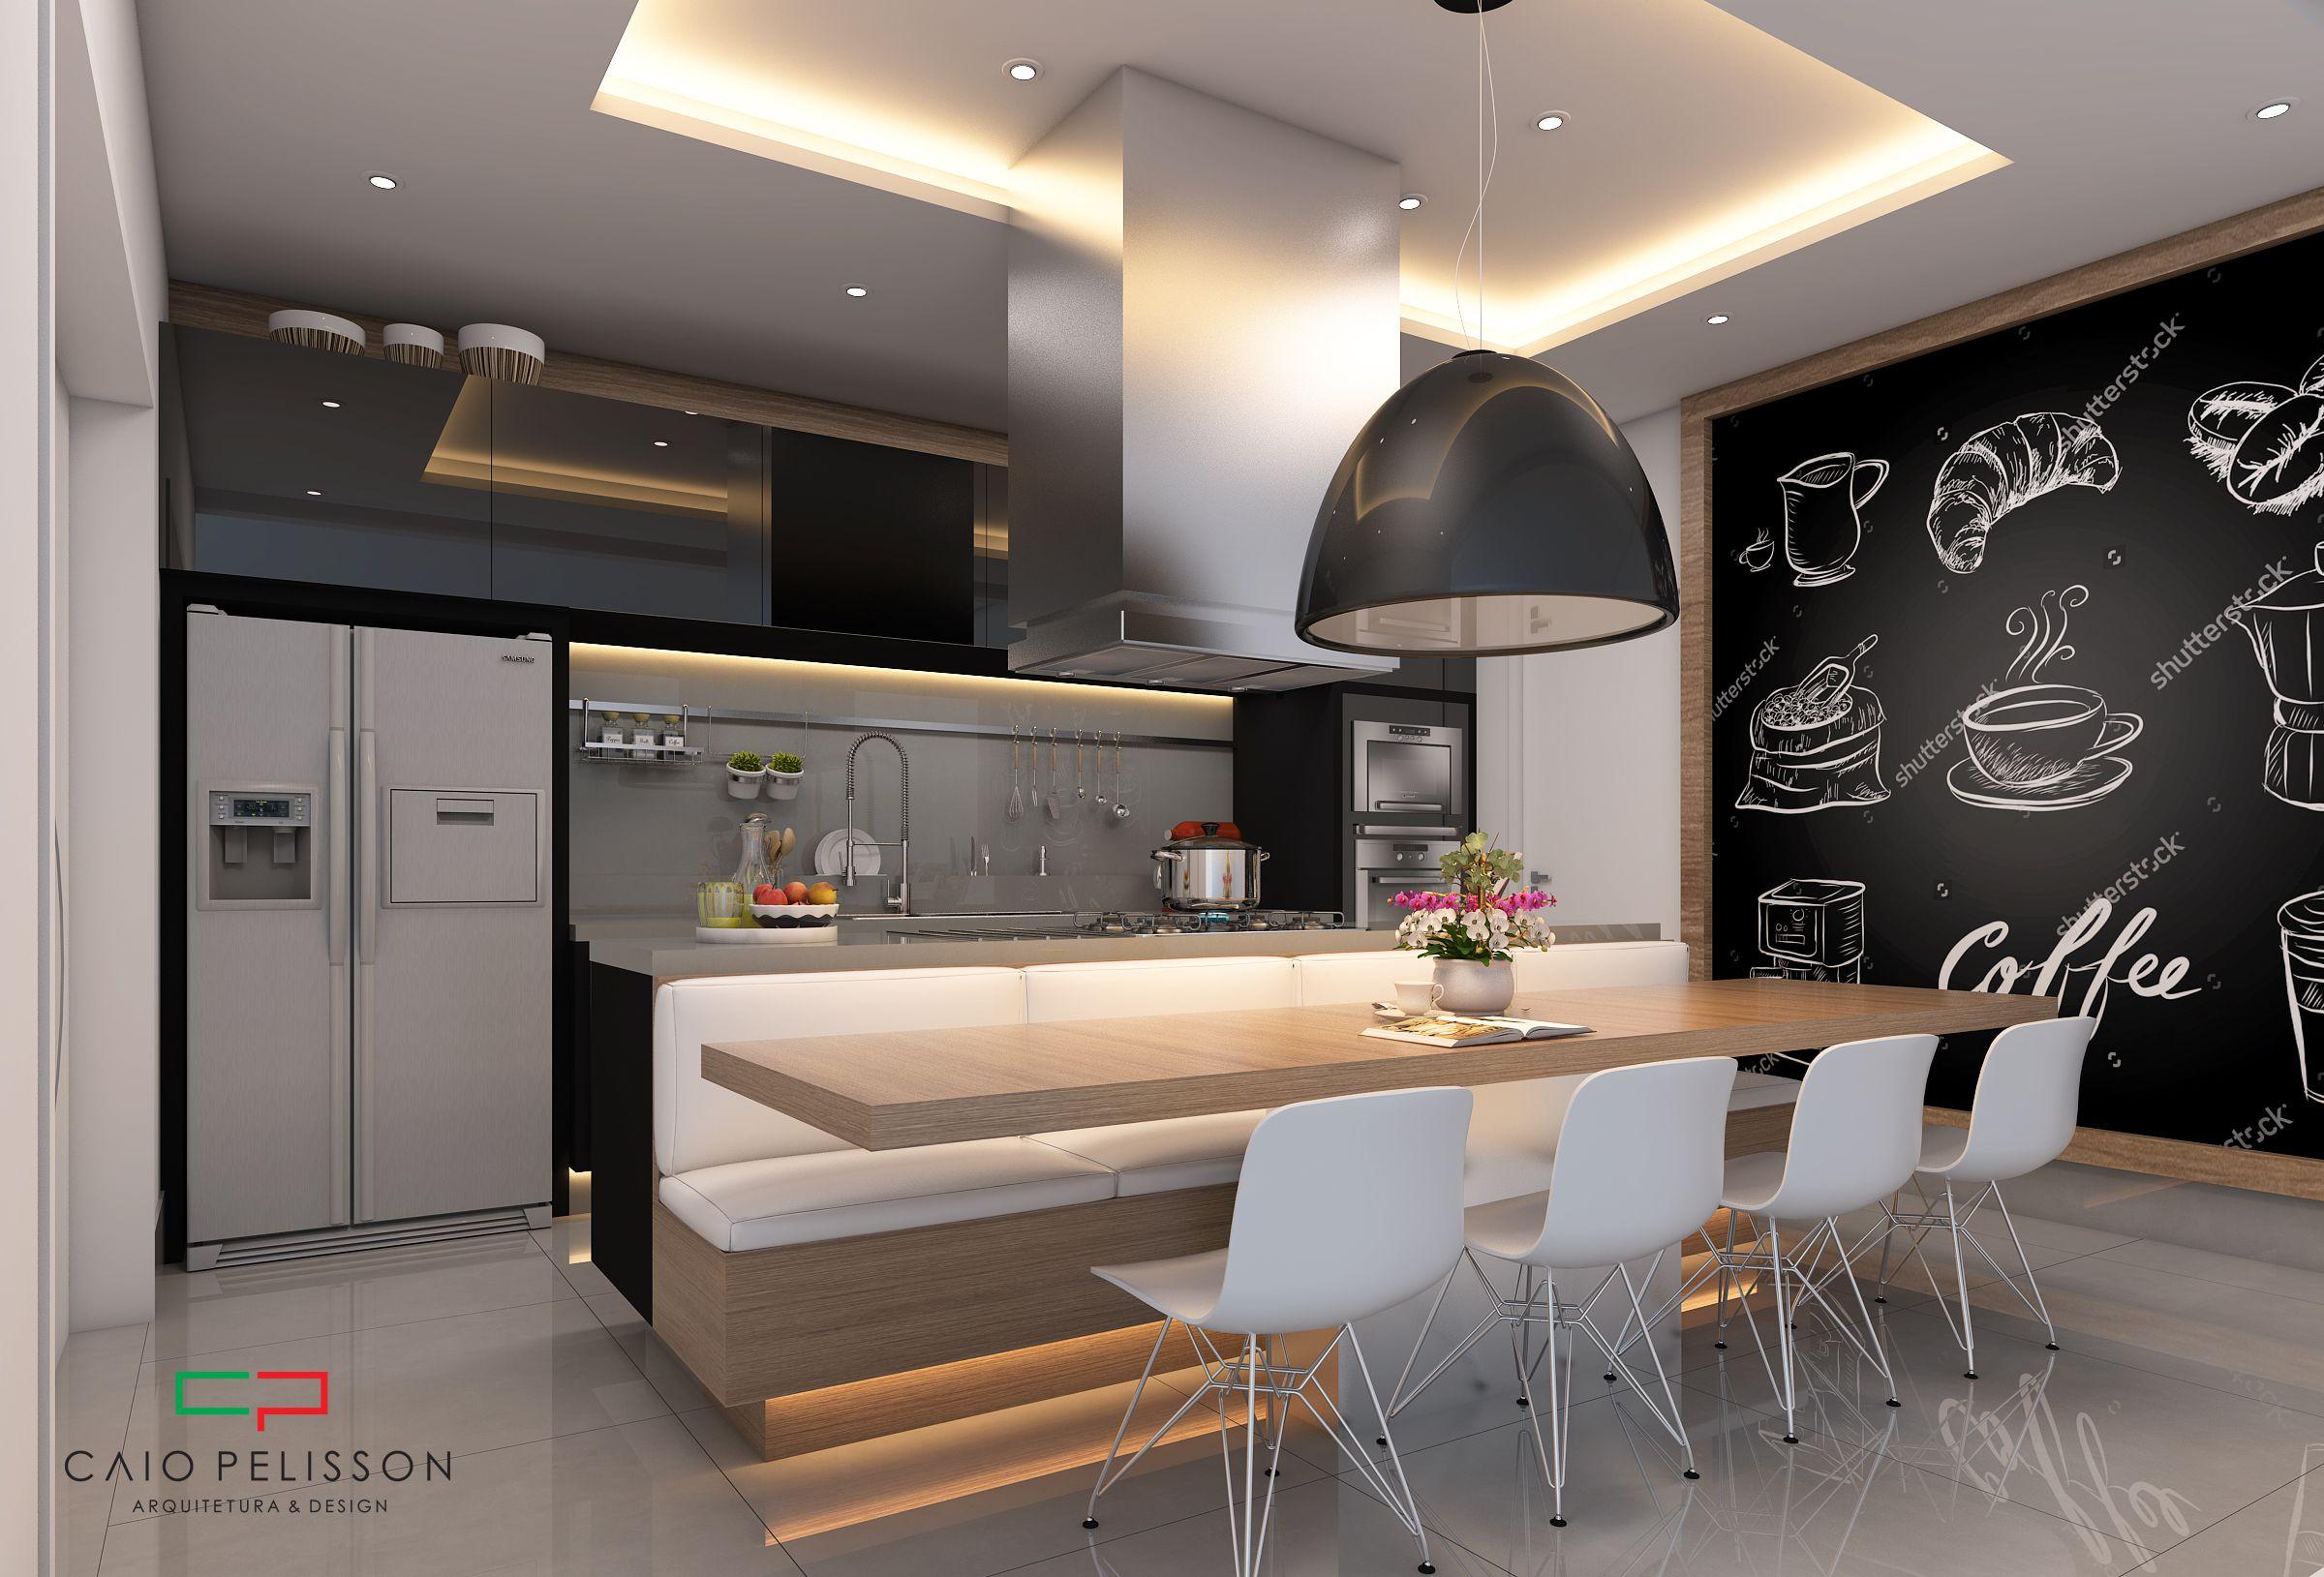 Projeto De Cozinha Com Cores S Brias E Uma Ilha Com Sof Mesa E Um